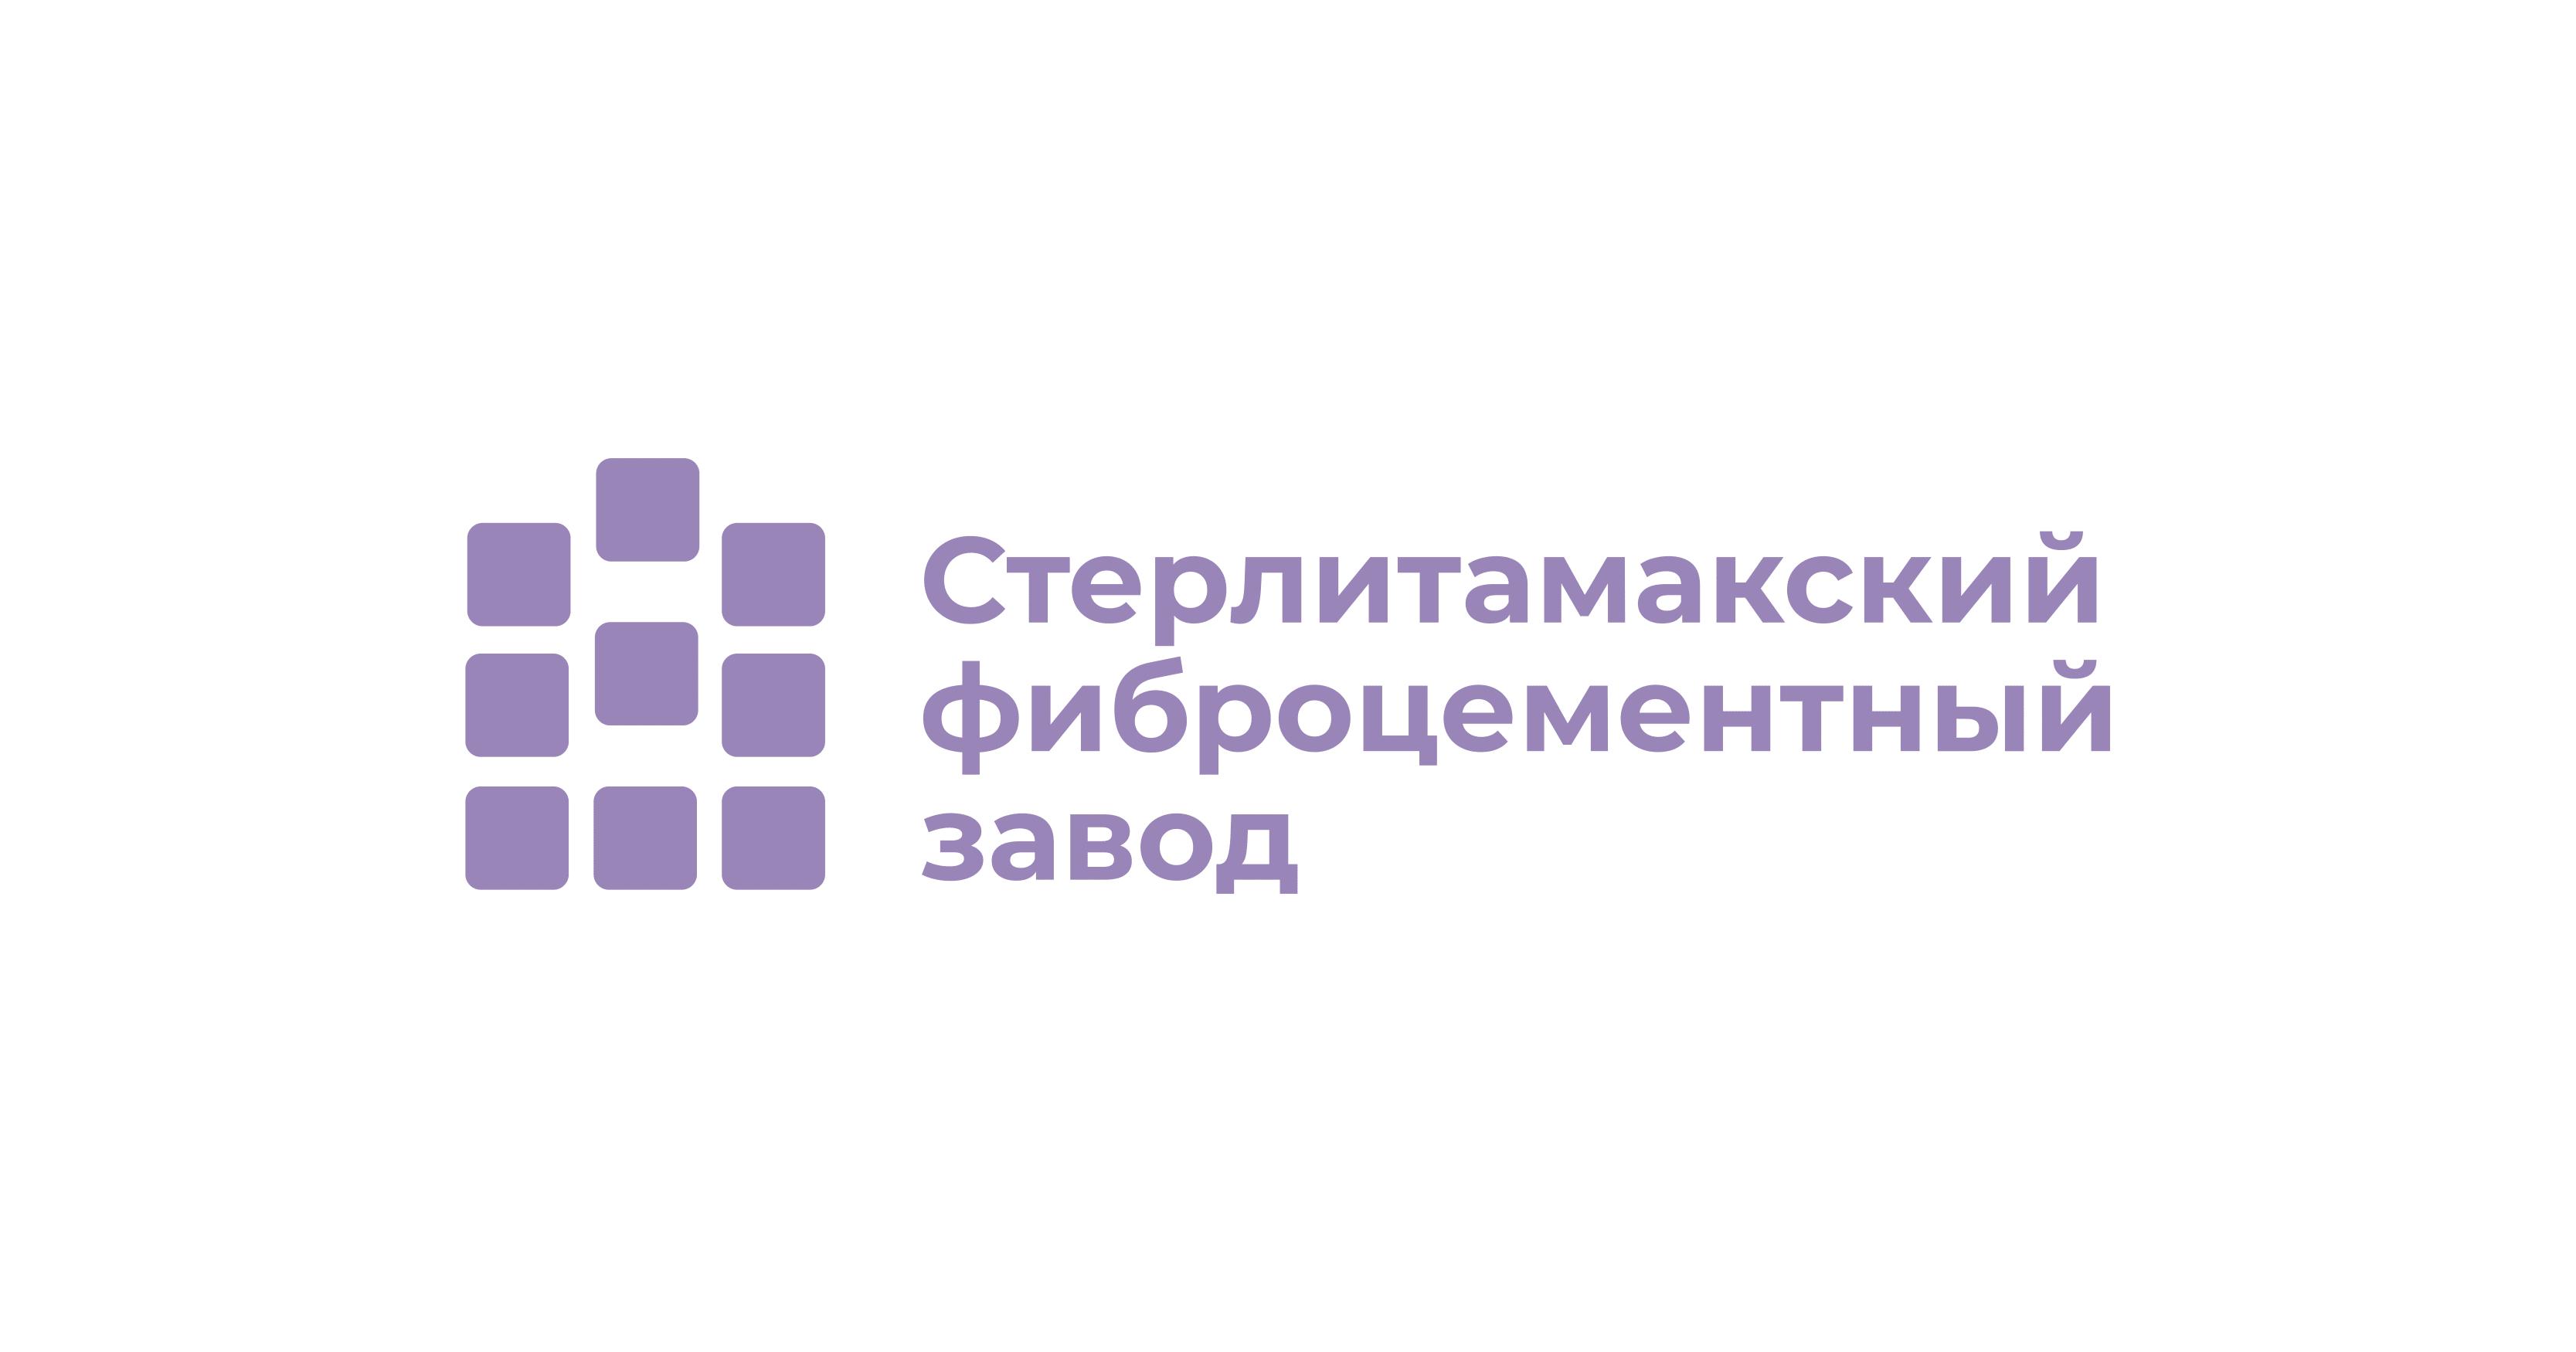 ООО «Стерлитамакский фиброцементный завод»